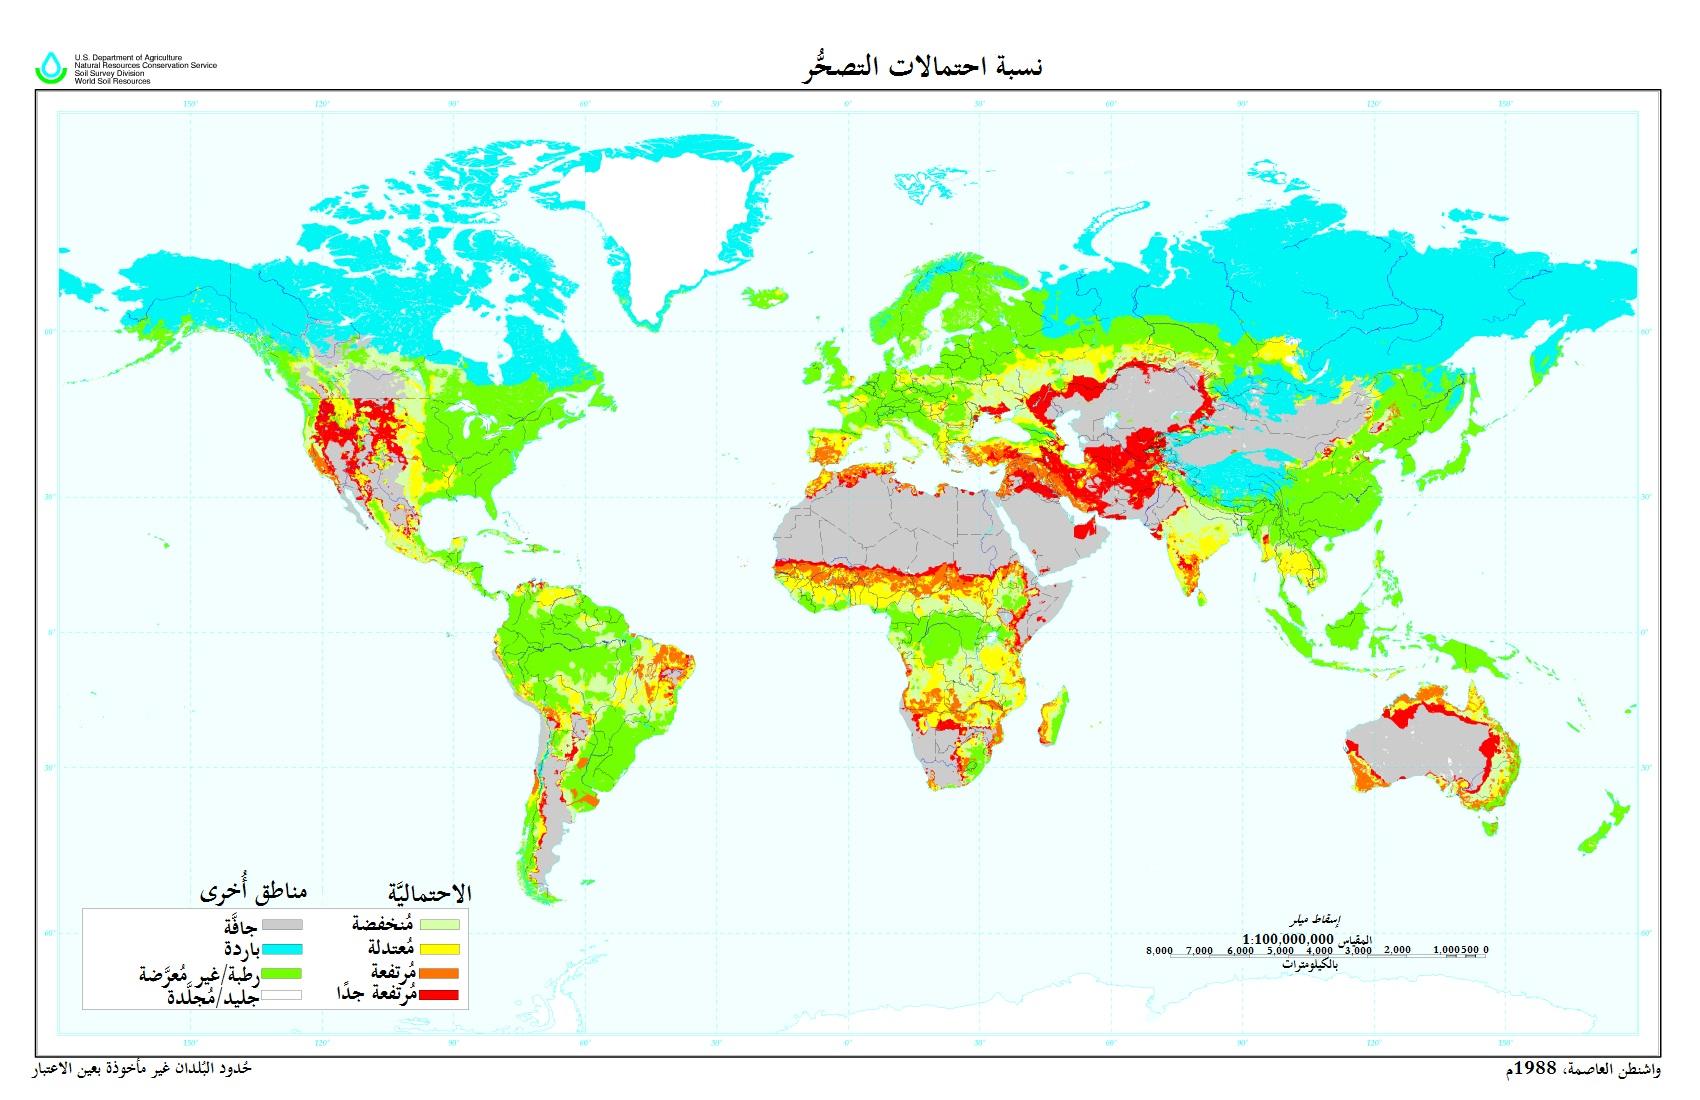 خريطة التصحر في العالم، والتي أعدت في سنة 1998م، وتبين أن مناطق شاسعة من العراق في خطر مرتفع جداً أو مرتفع بالنسبة للتصحر